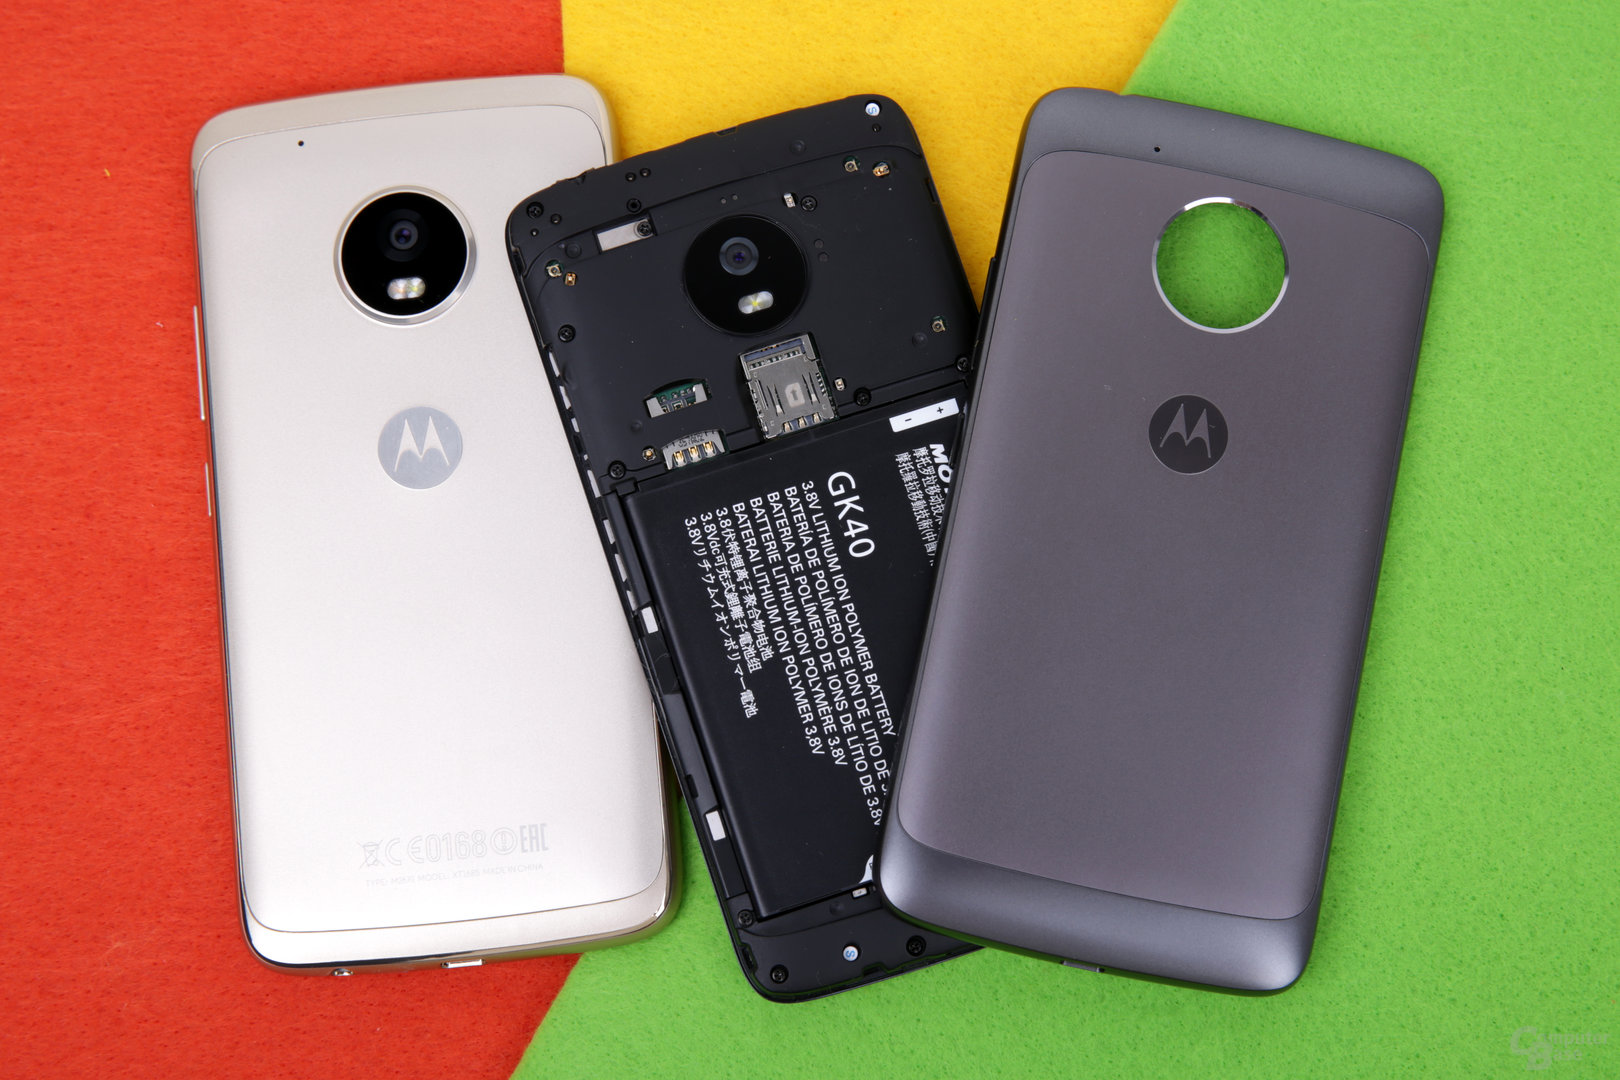 Moto G5 hat einen austauschbaren Akku